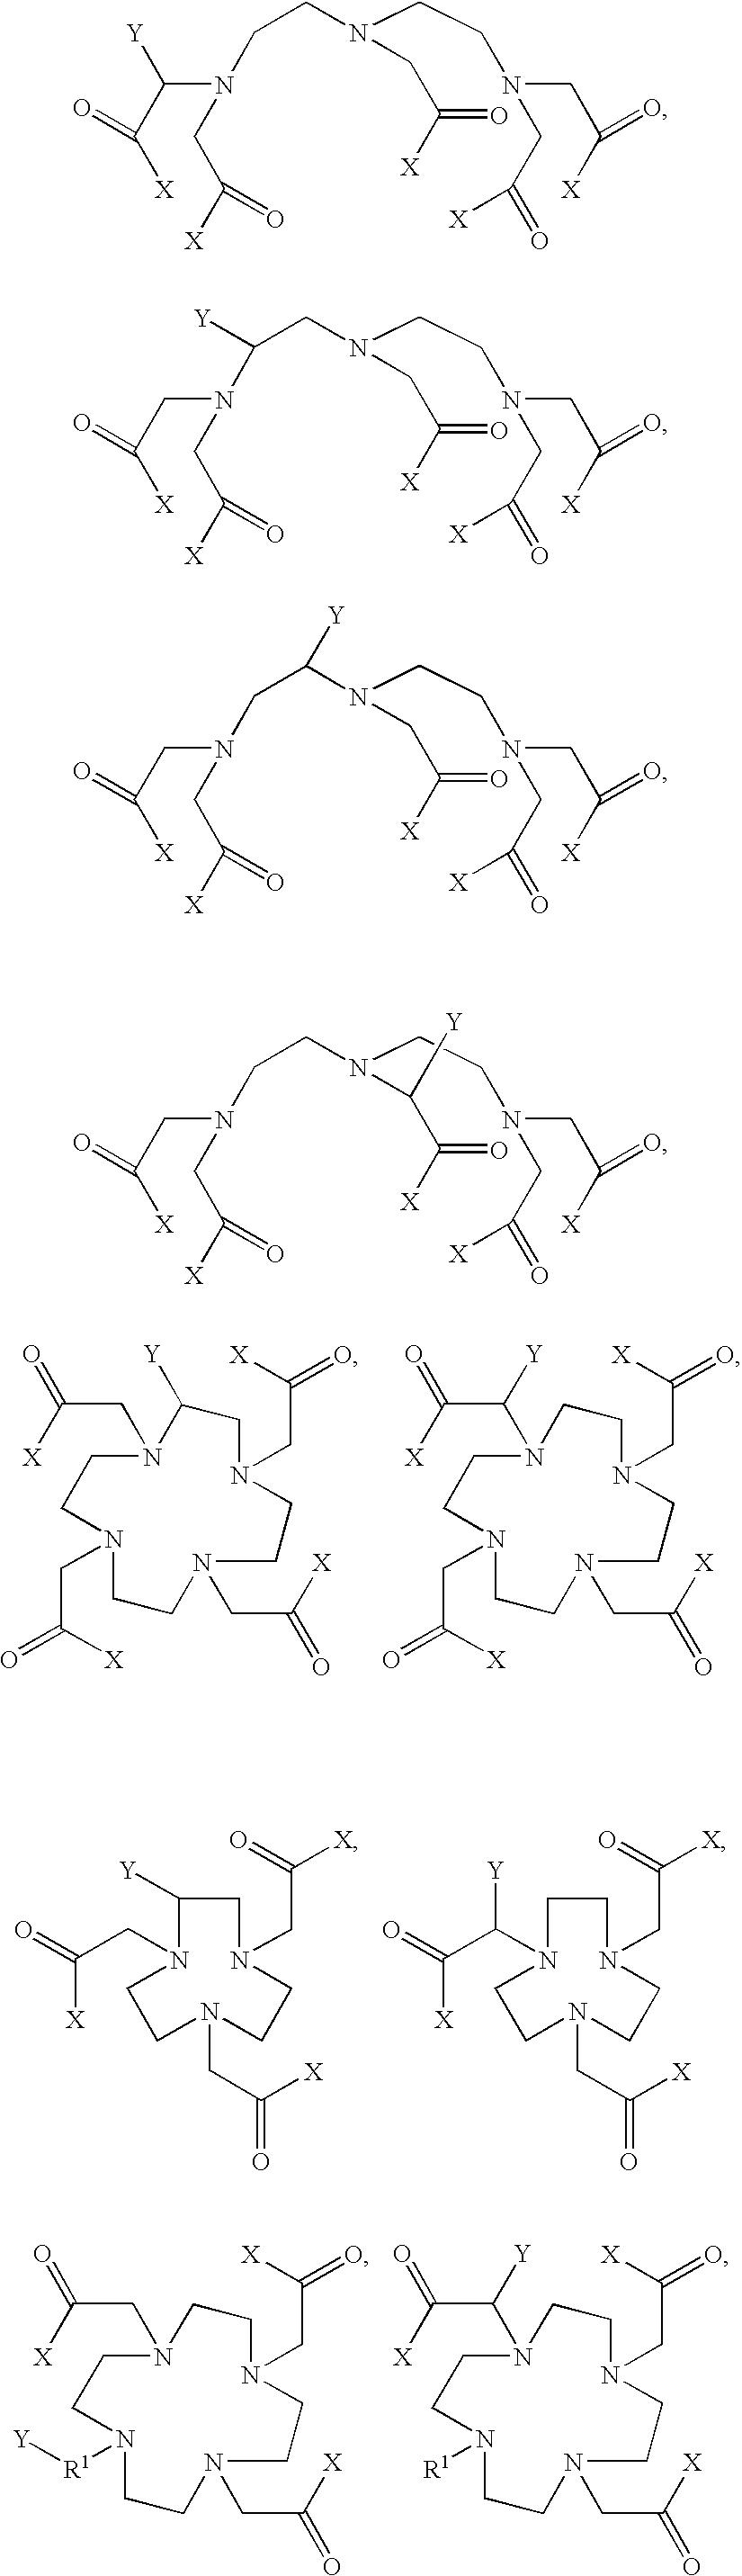 Figure US20030180222A1-20030925-C00004